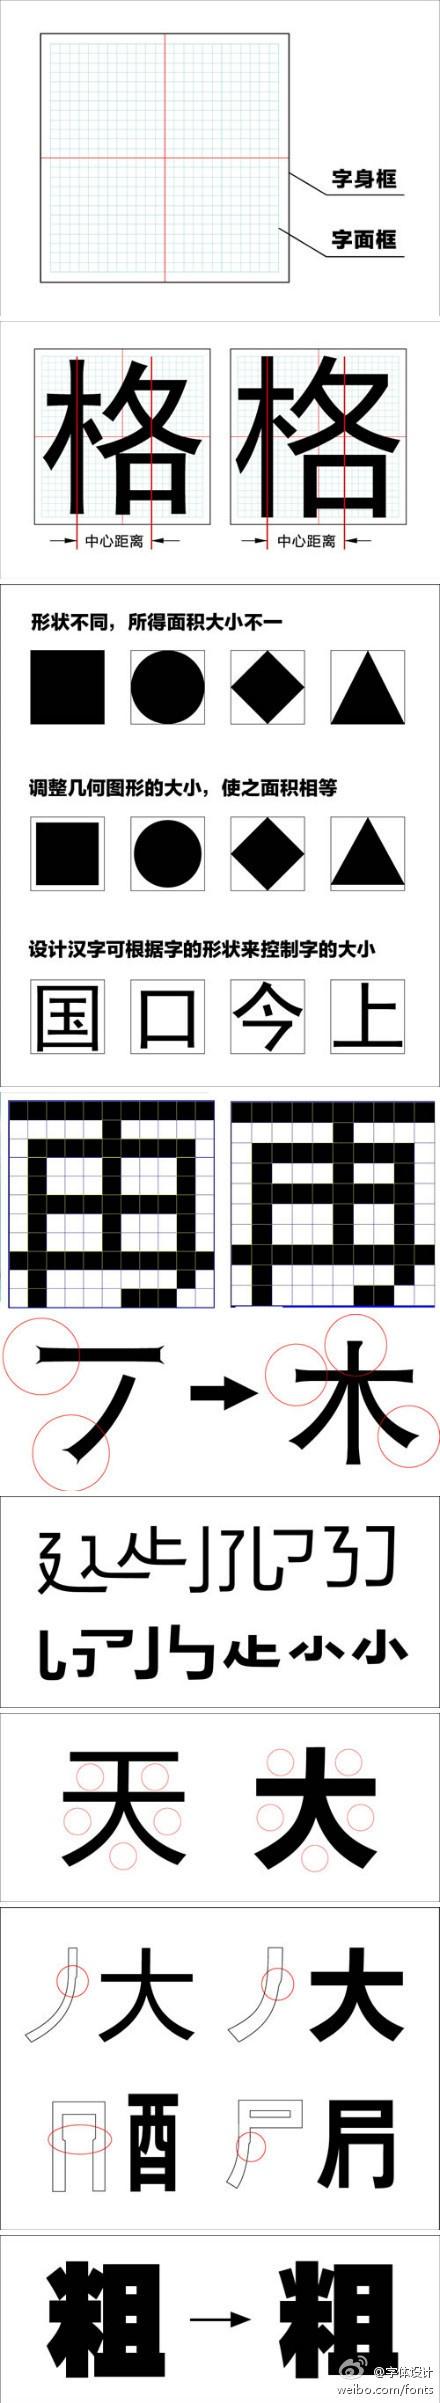 【微软雅黑的设计】打破传统结体方式,采用大字面设计,字怀放开,增大内白,使文字方正,布白匀称。在制作上,力求精良,笔划间尽可能少搭笔,使文字清新、爽朗、易读。